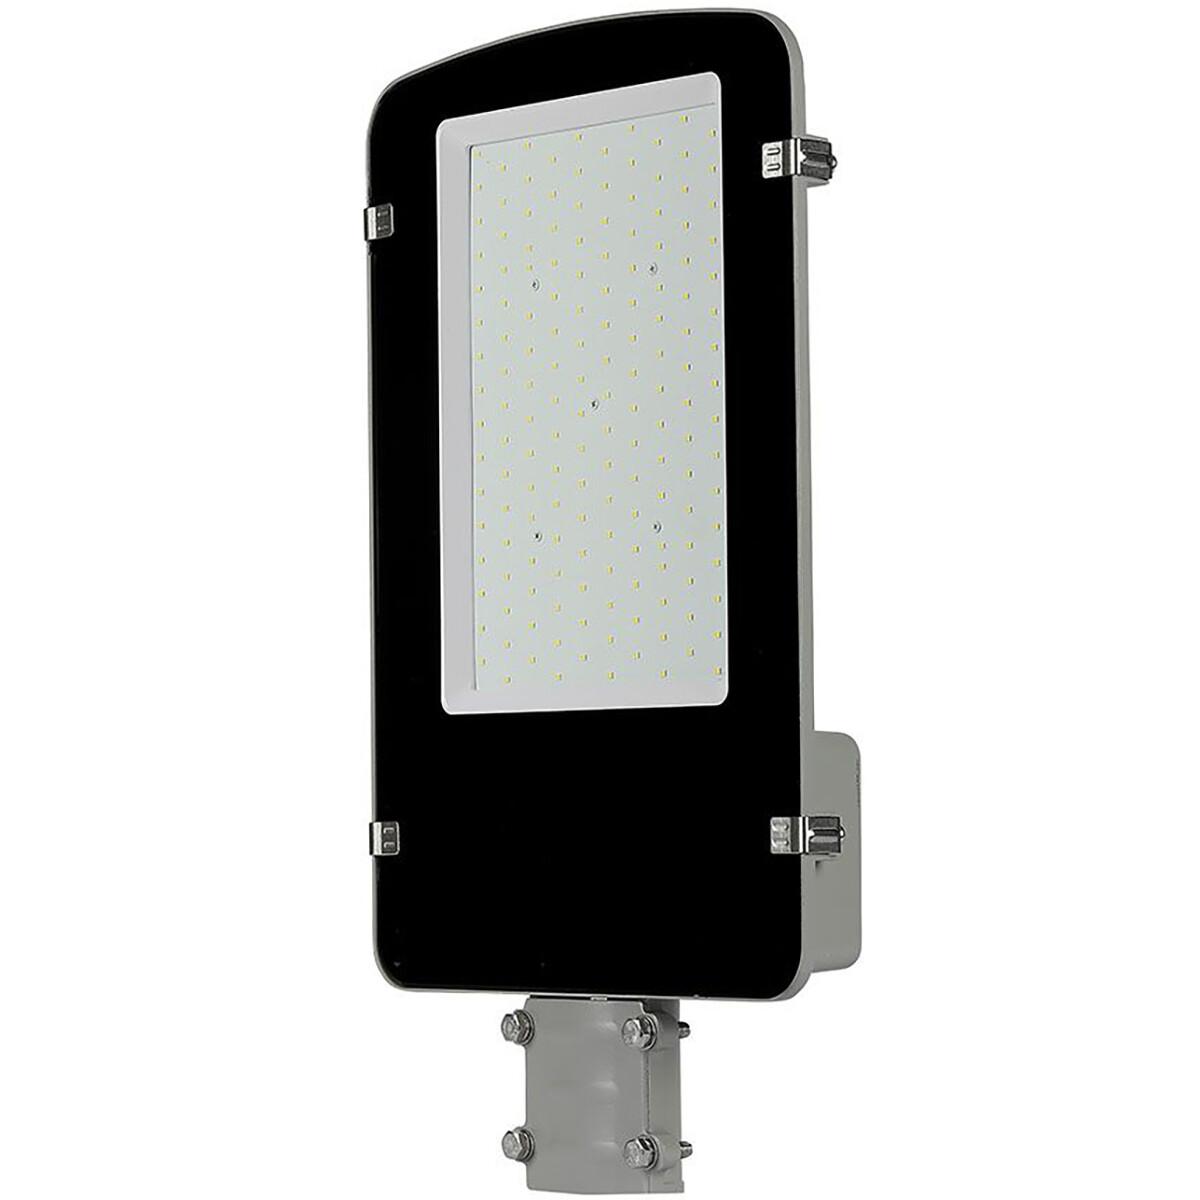 SAMSUNG - LED Straatlamp - Viron Anno - 100W - Helder/Koud Wit 6400K - Waterdicht IP65 - Mat Zwart -